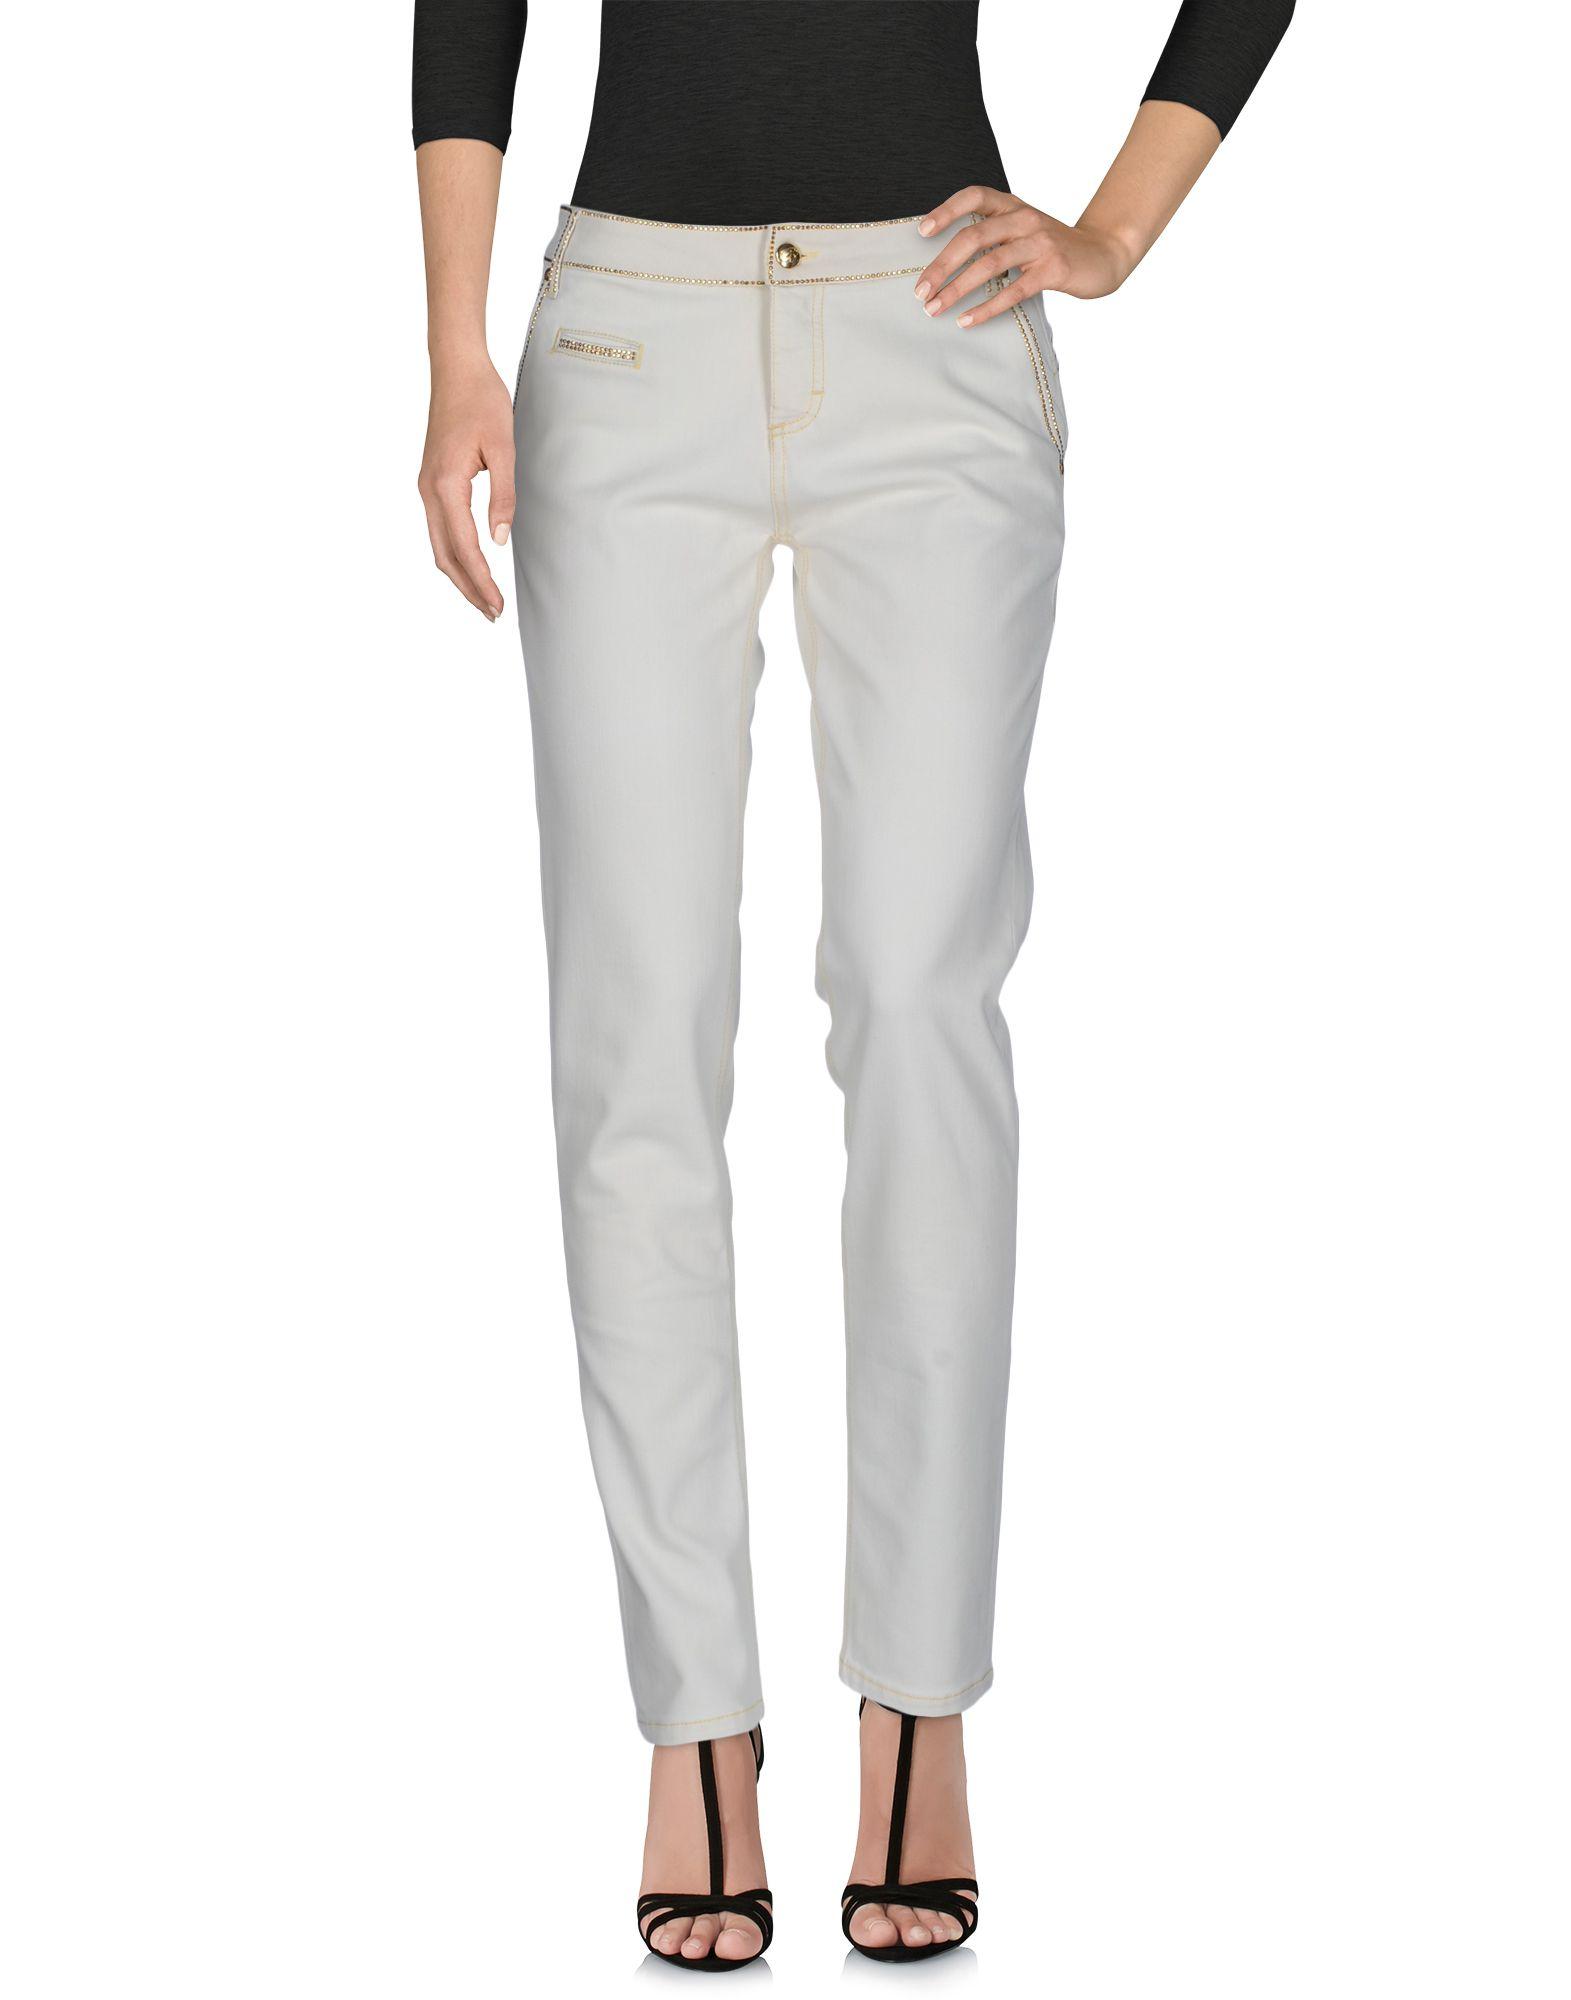 BLUMARINE Damen Jeanshose Farbe Elfenbein Größe 5 - broschei